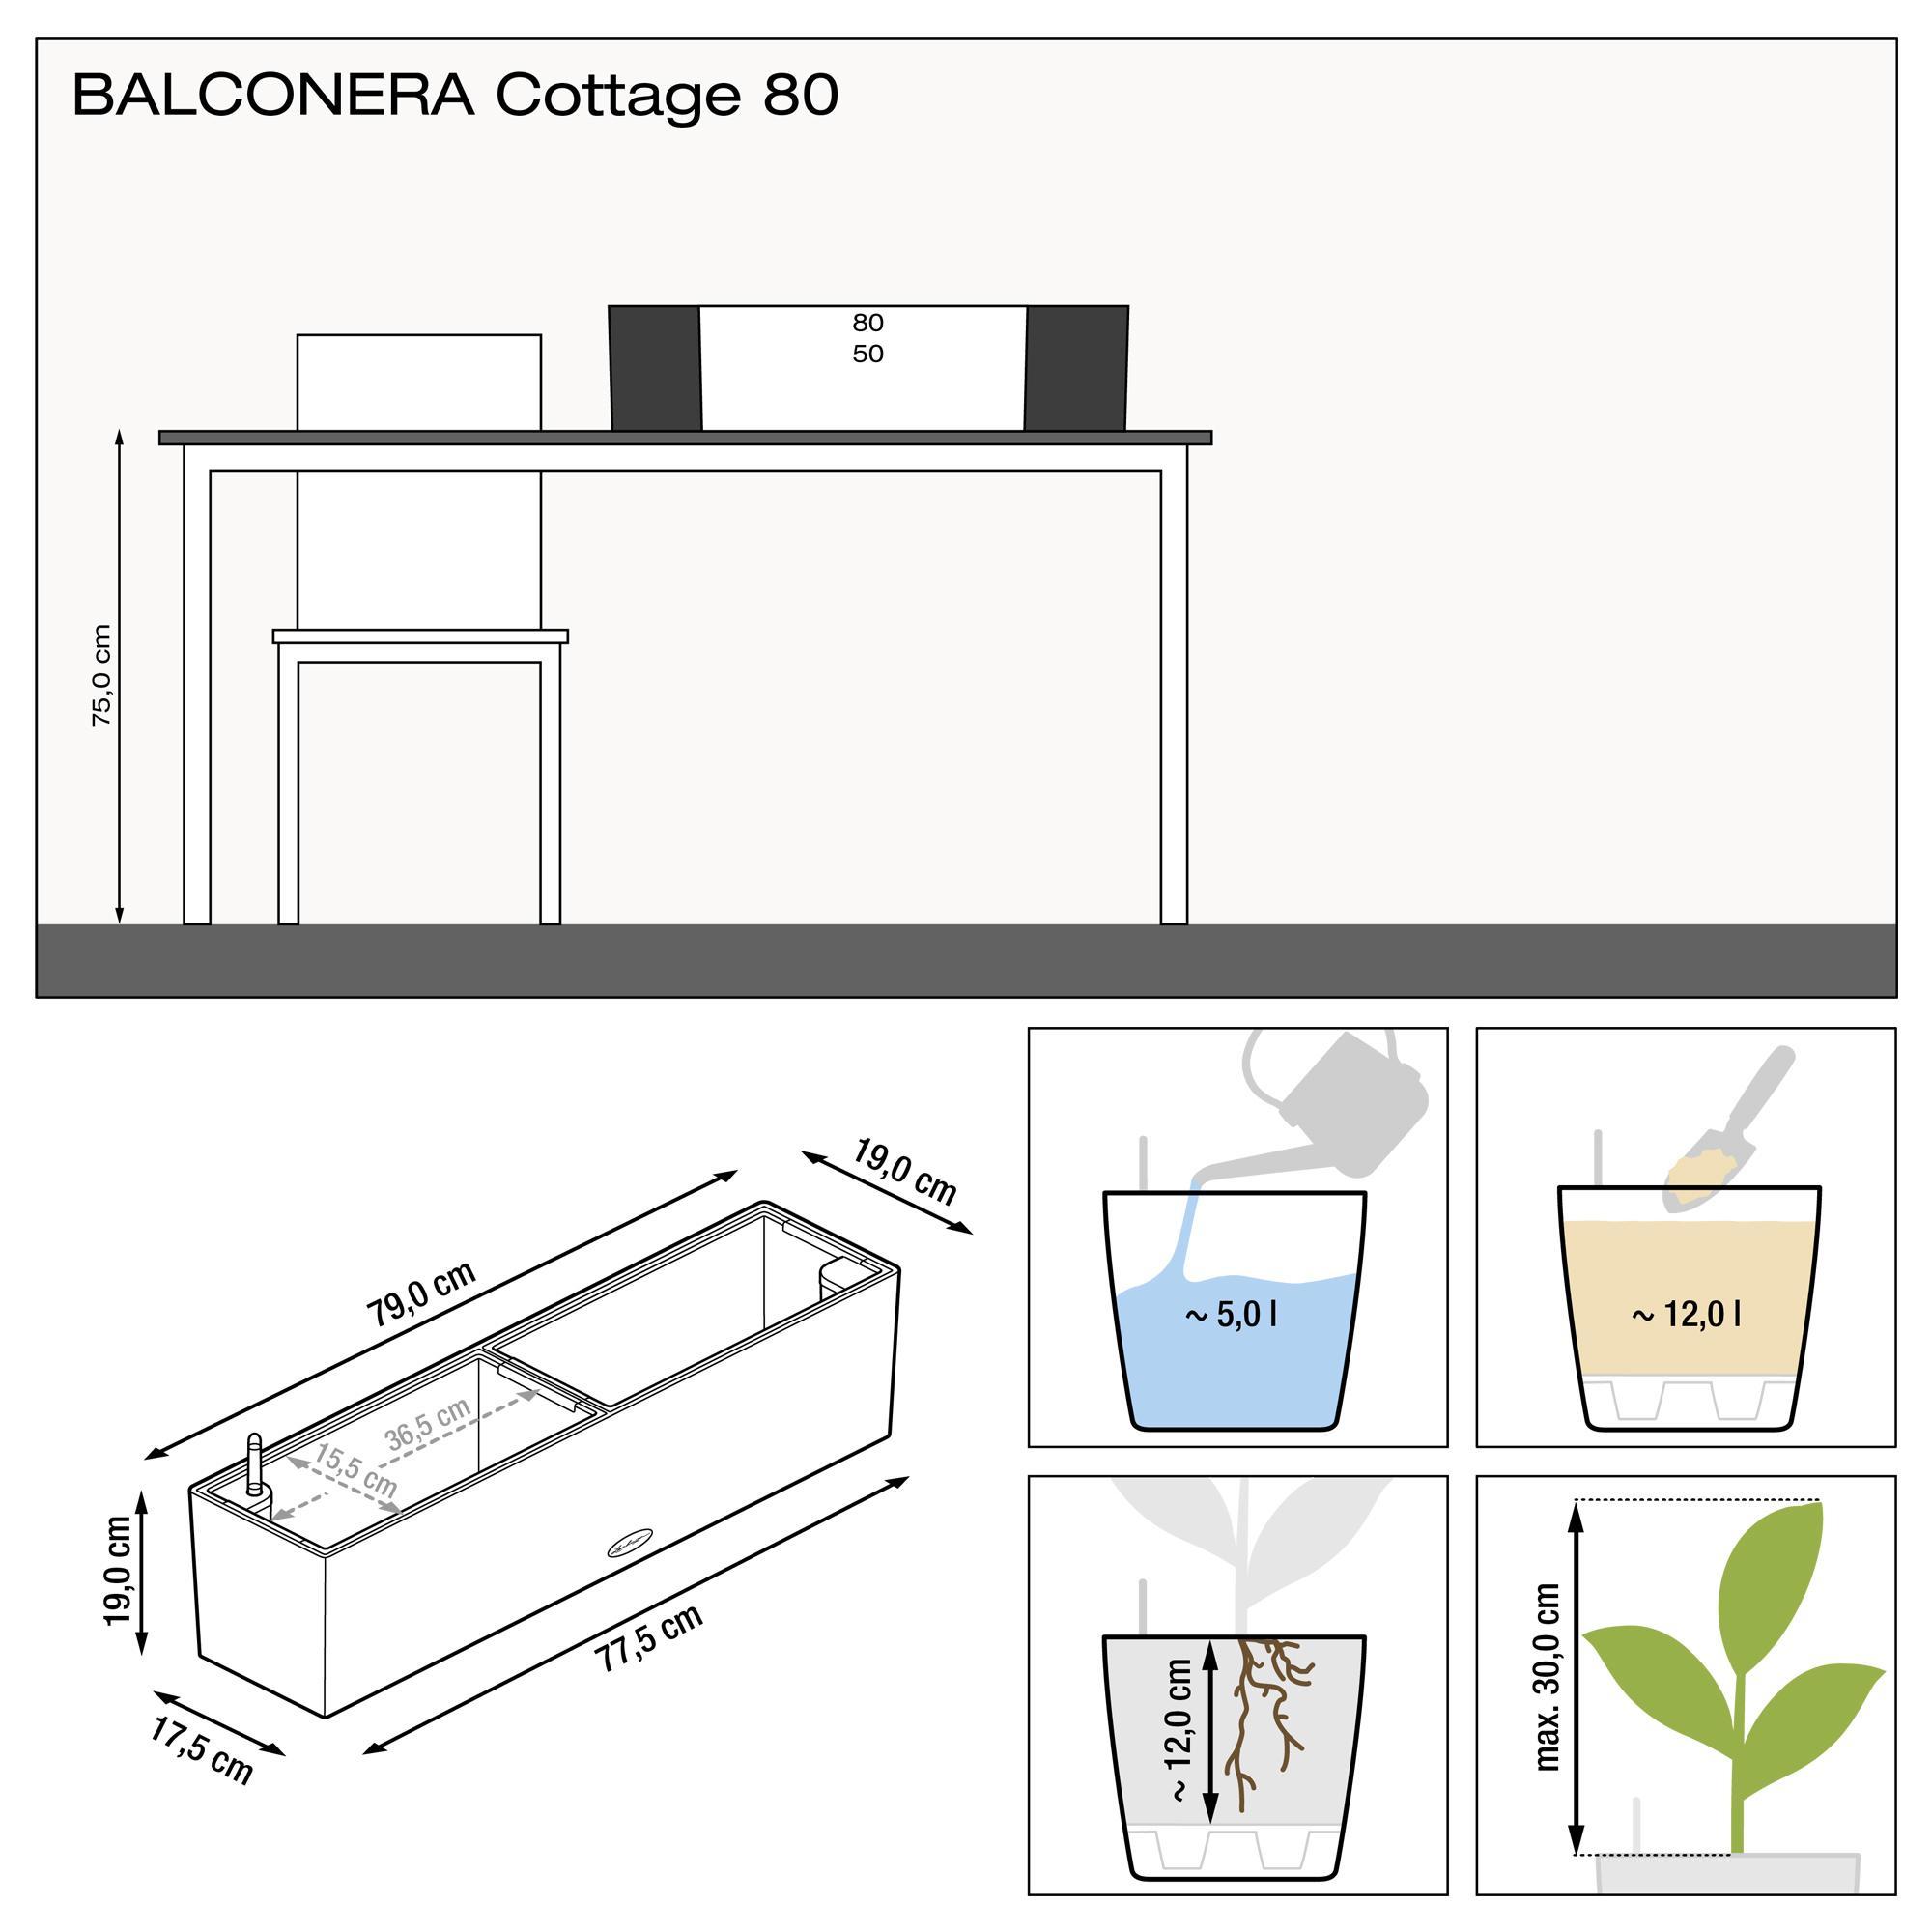 BALCONERA Cottage 80 mocha - Image 3